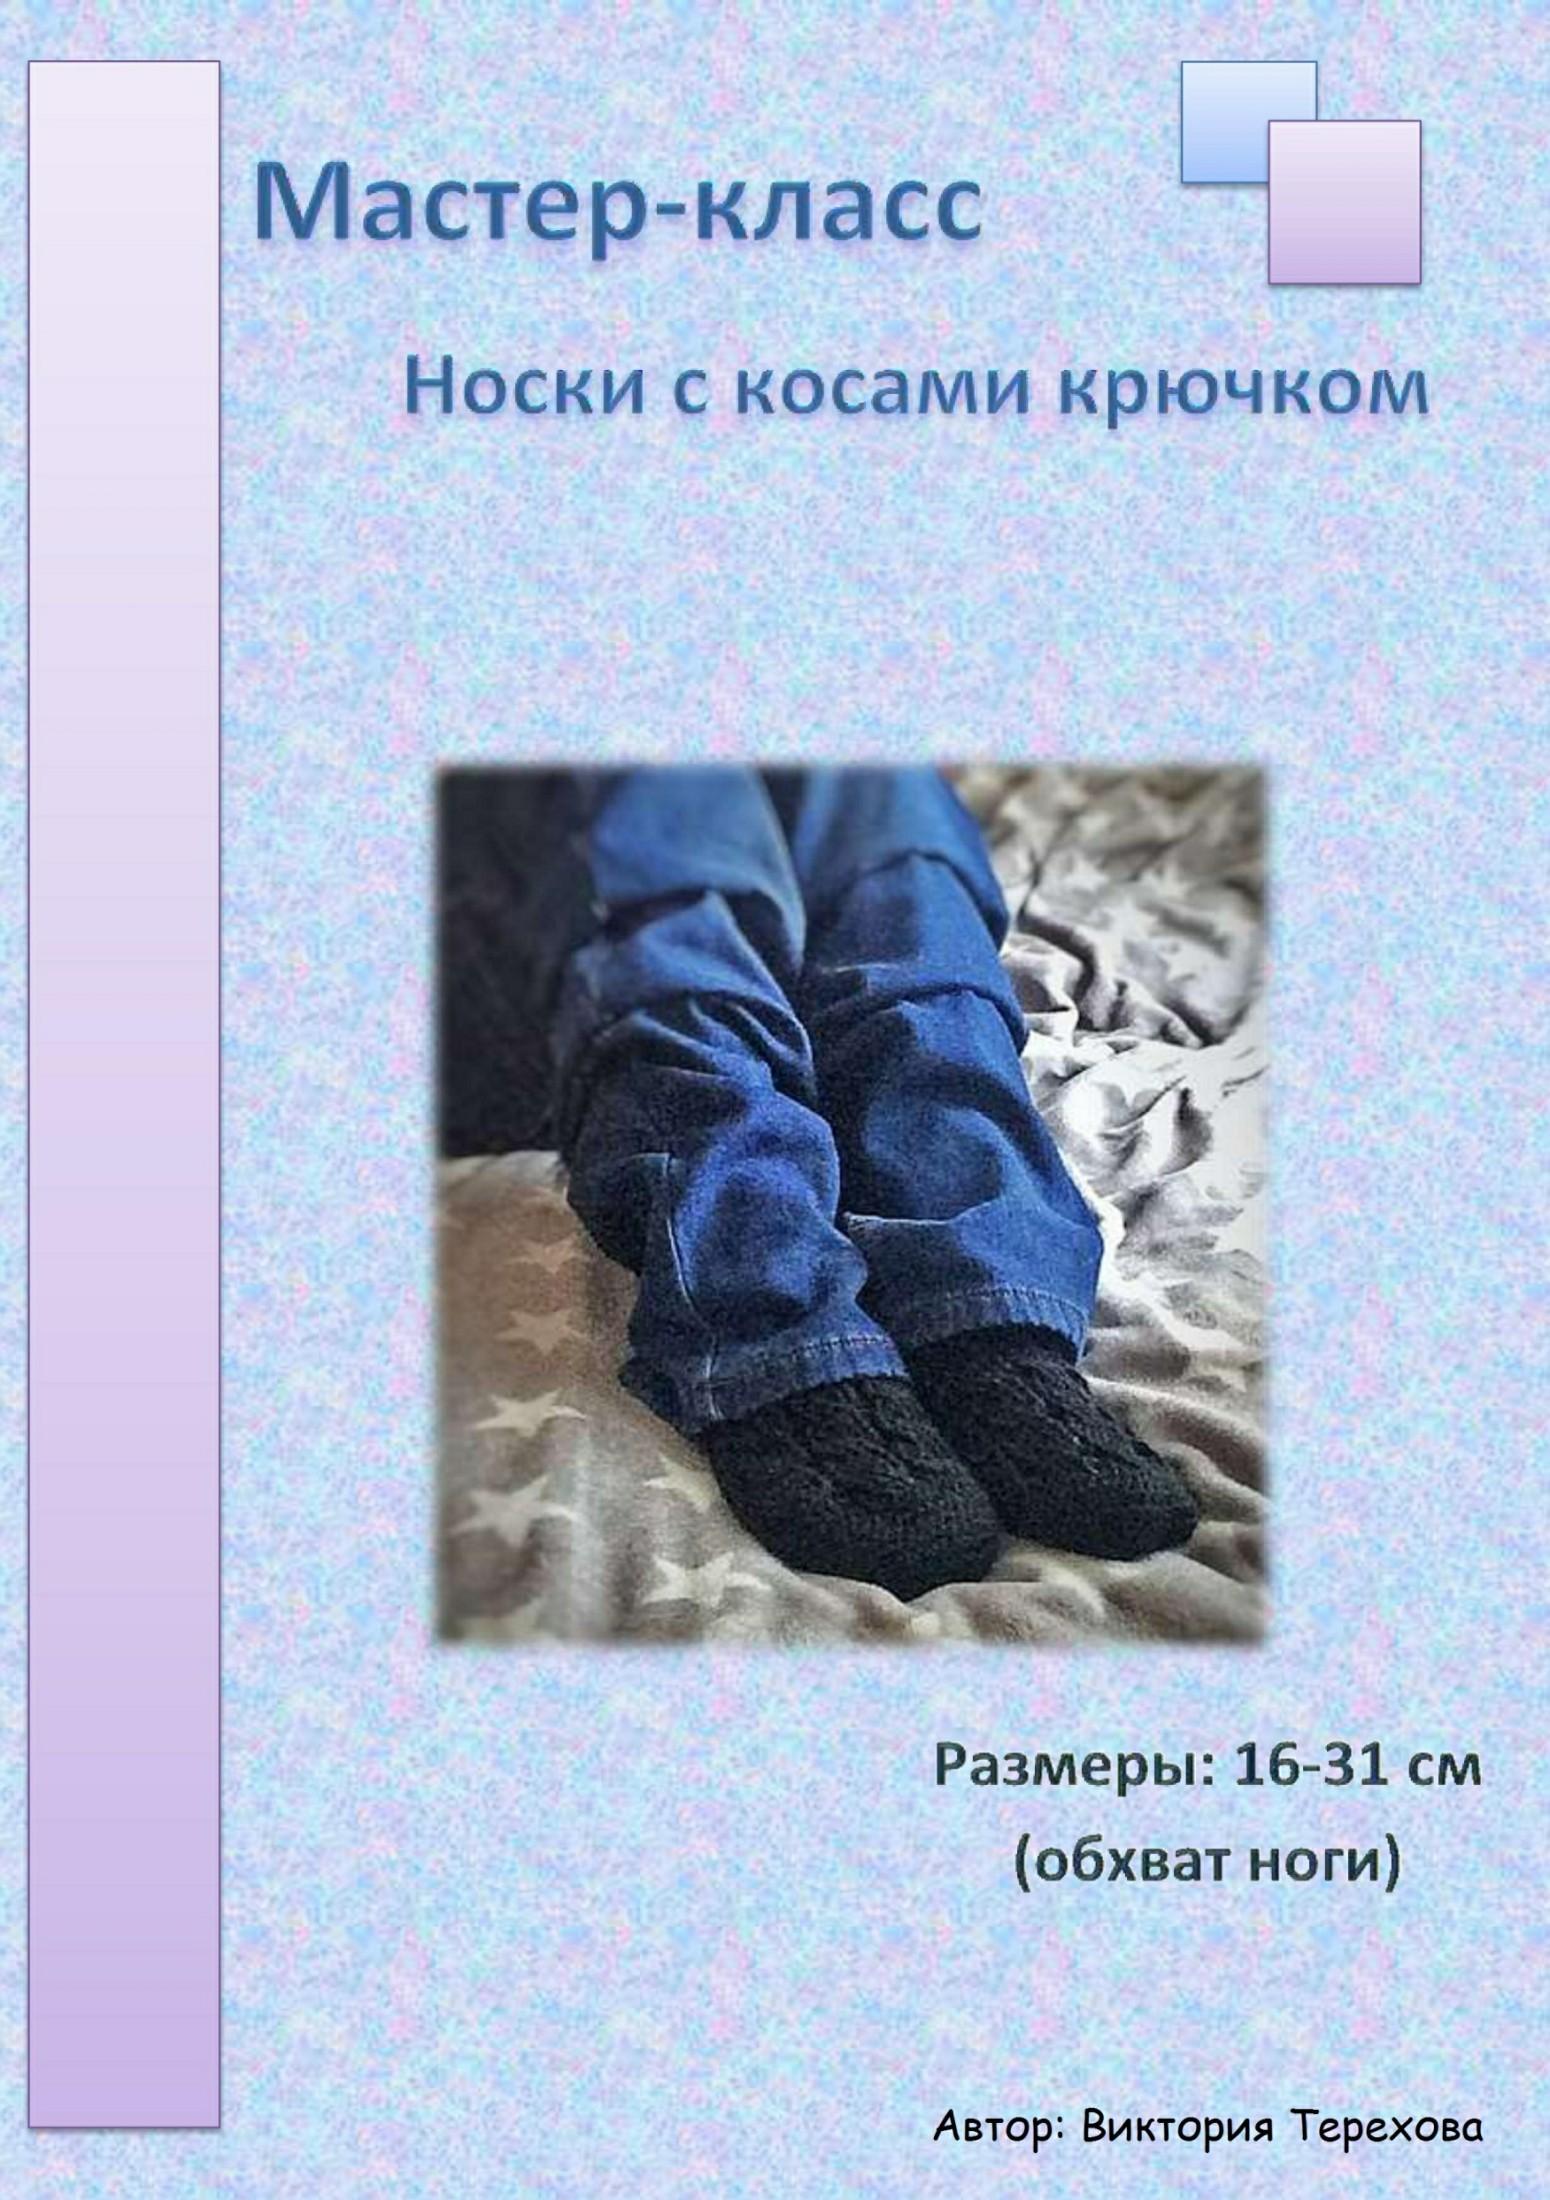 цена на Виктория Терехова Мастер-класс: Носки с косами крючком